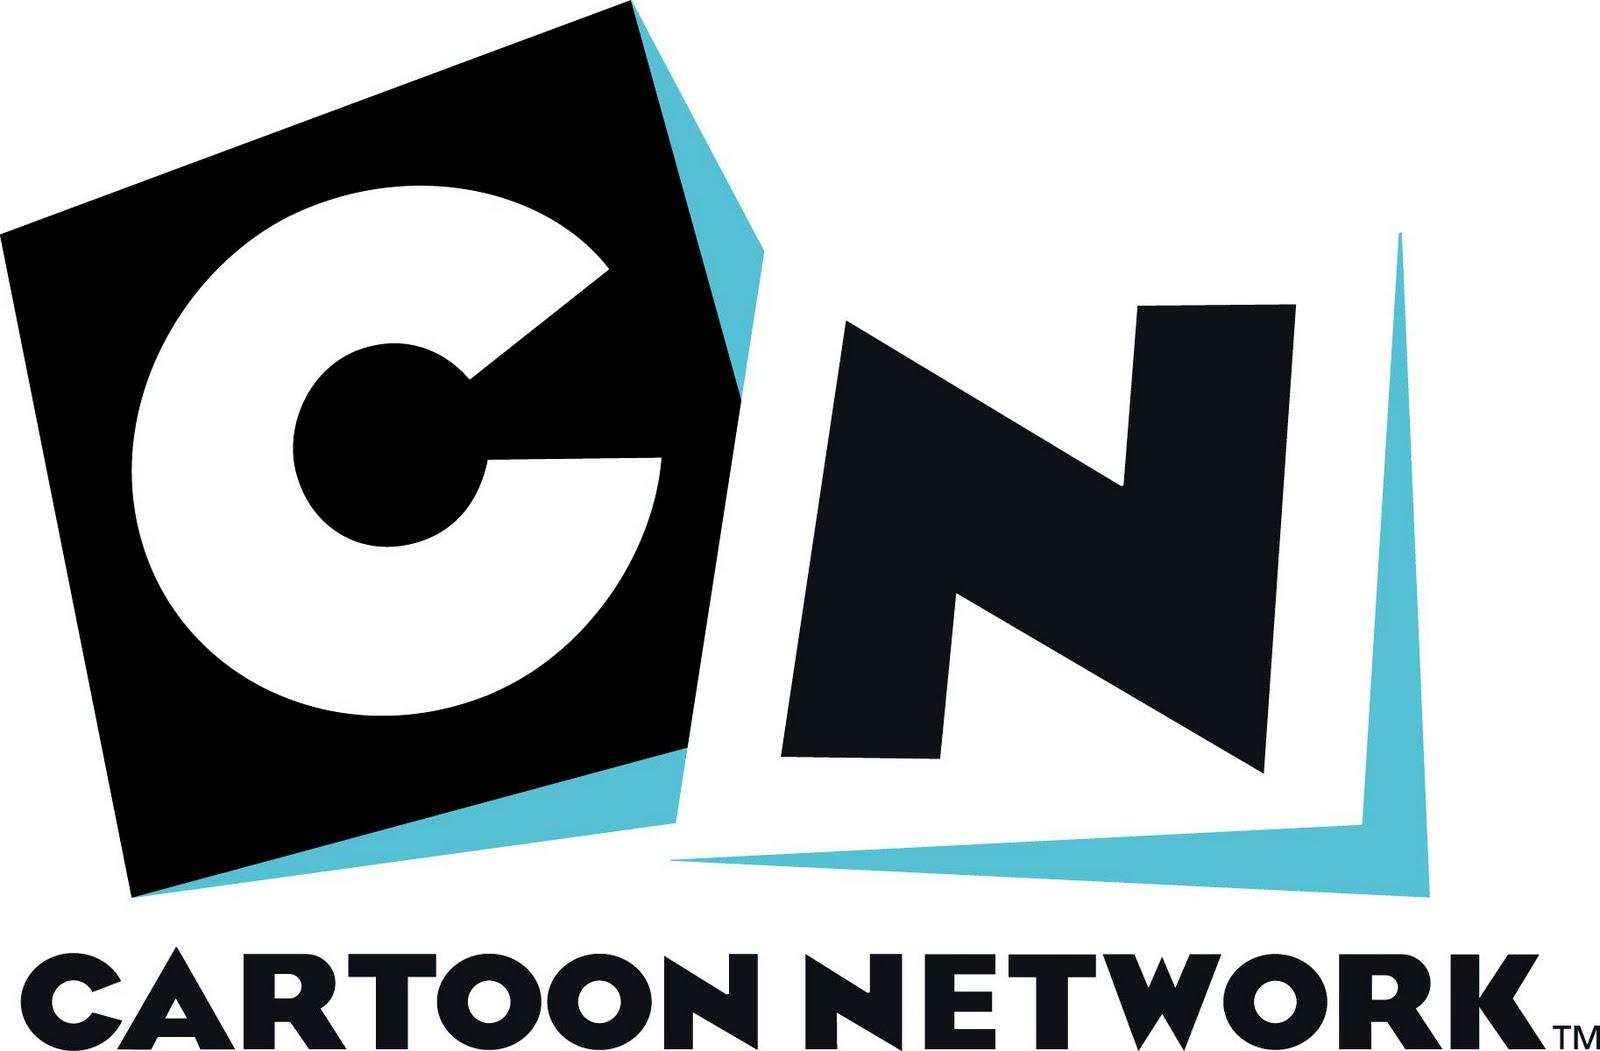 Cartoon Network HD Logo WallpapersHigh Resolution Backgrounds 1600x1051